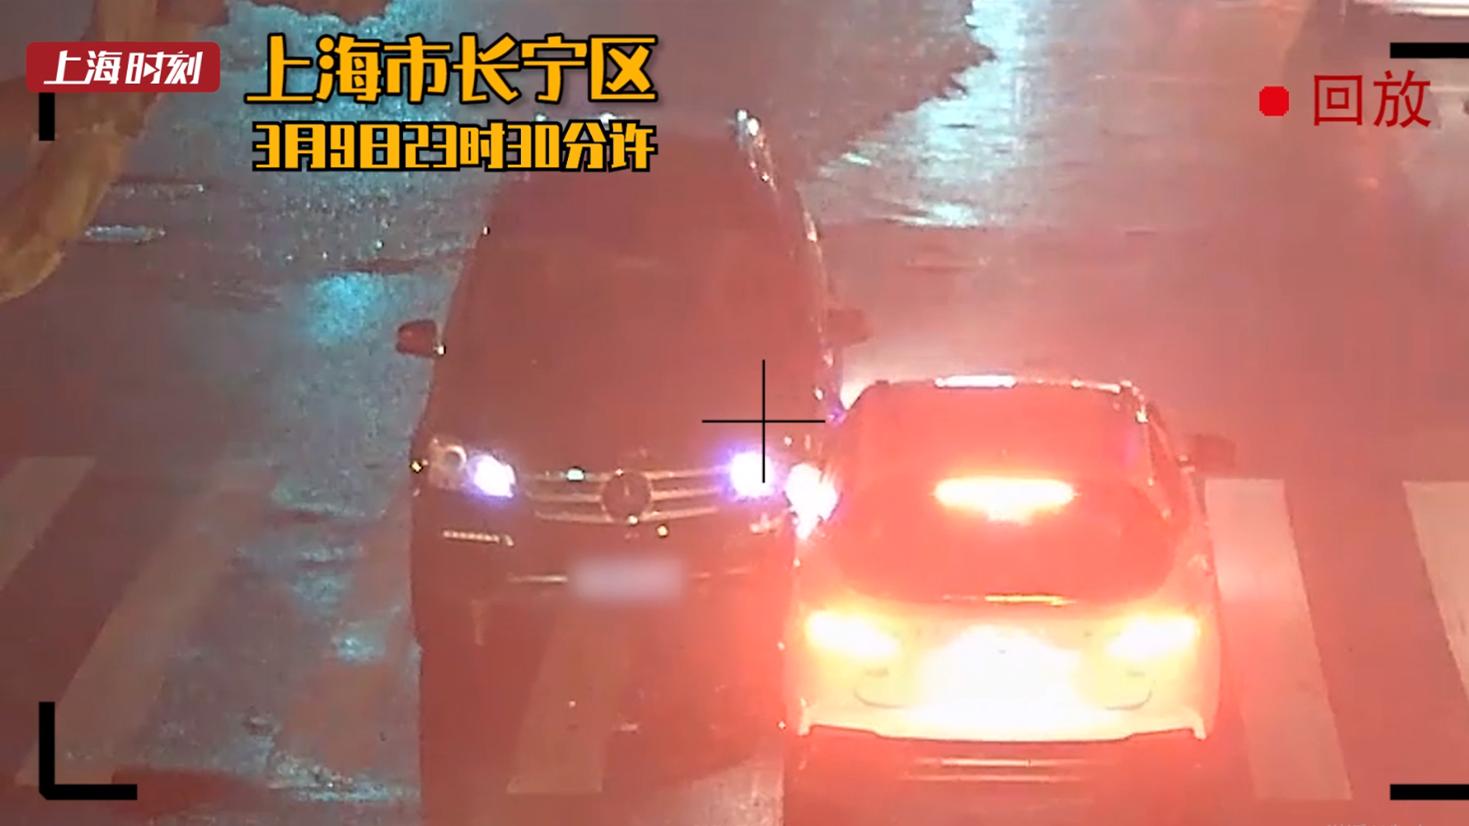 视频 | 醉驾司机撞车后弃车而逃 慌不择路跑向派出所